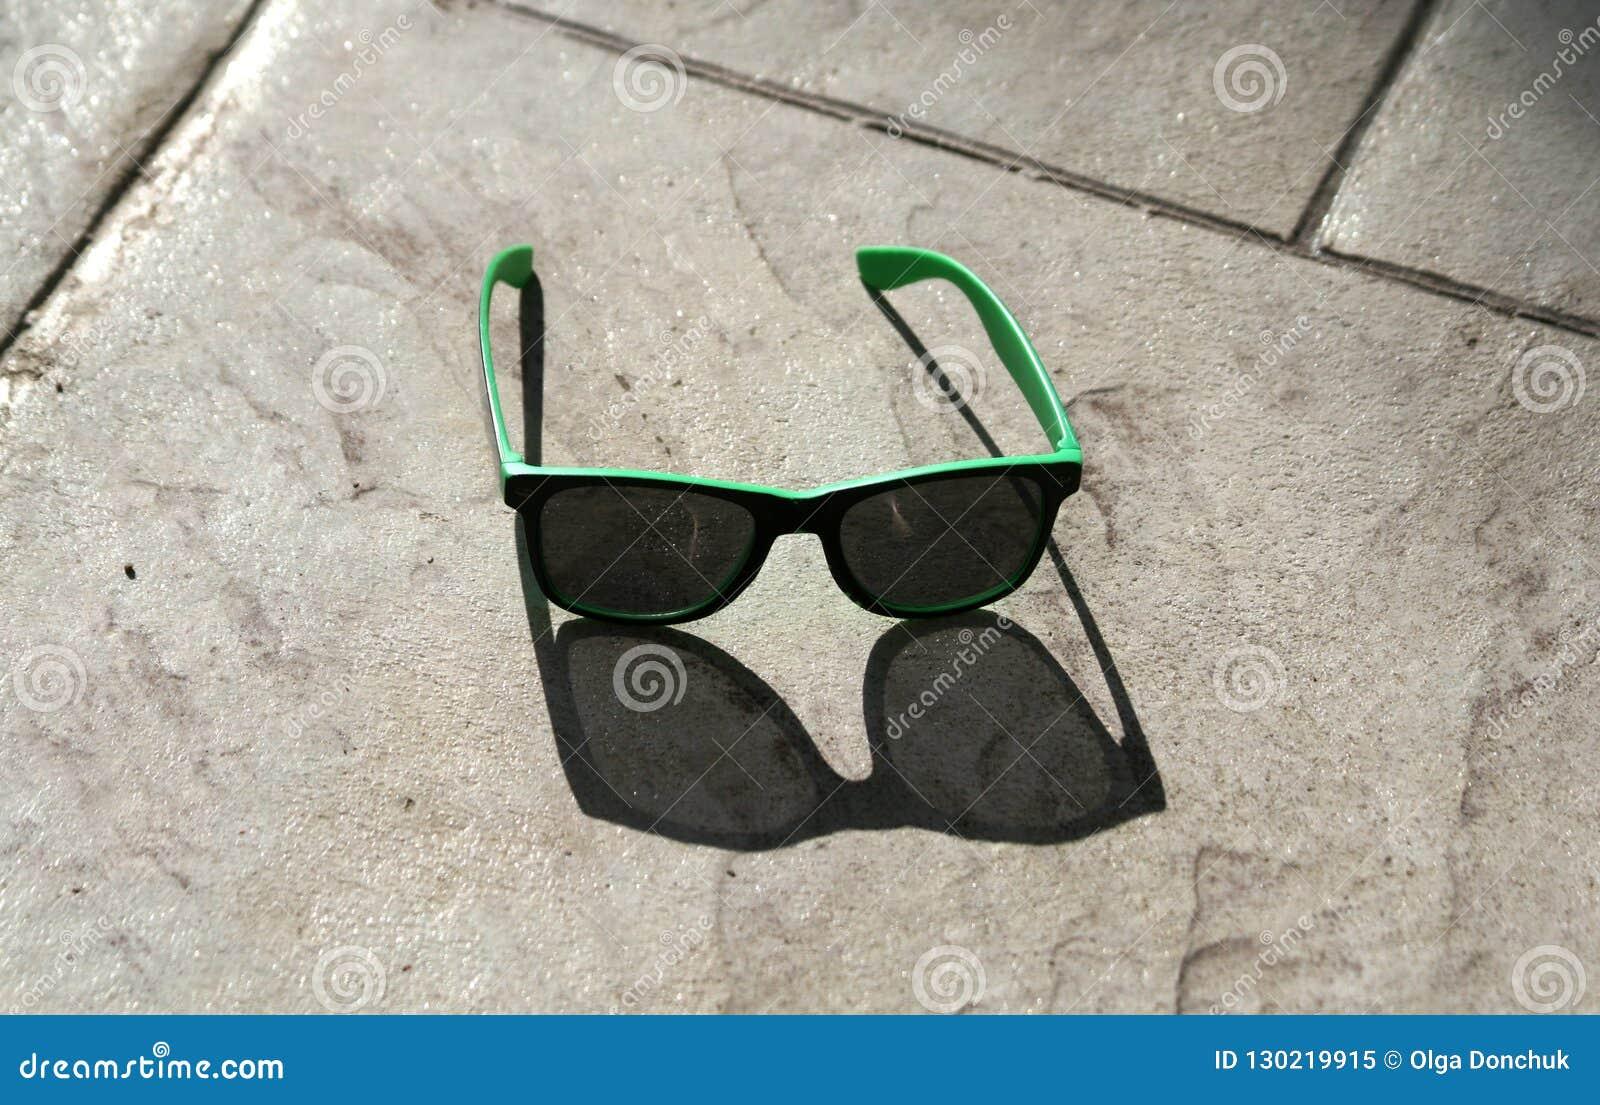 ba0c4376bf Gafas de sol verdes con las lentes oscuras que ponen en una pavimentadora  beige